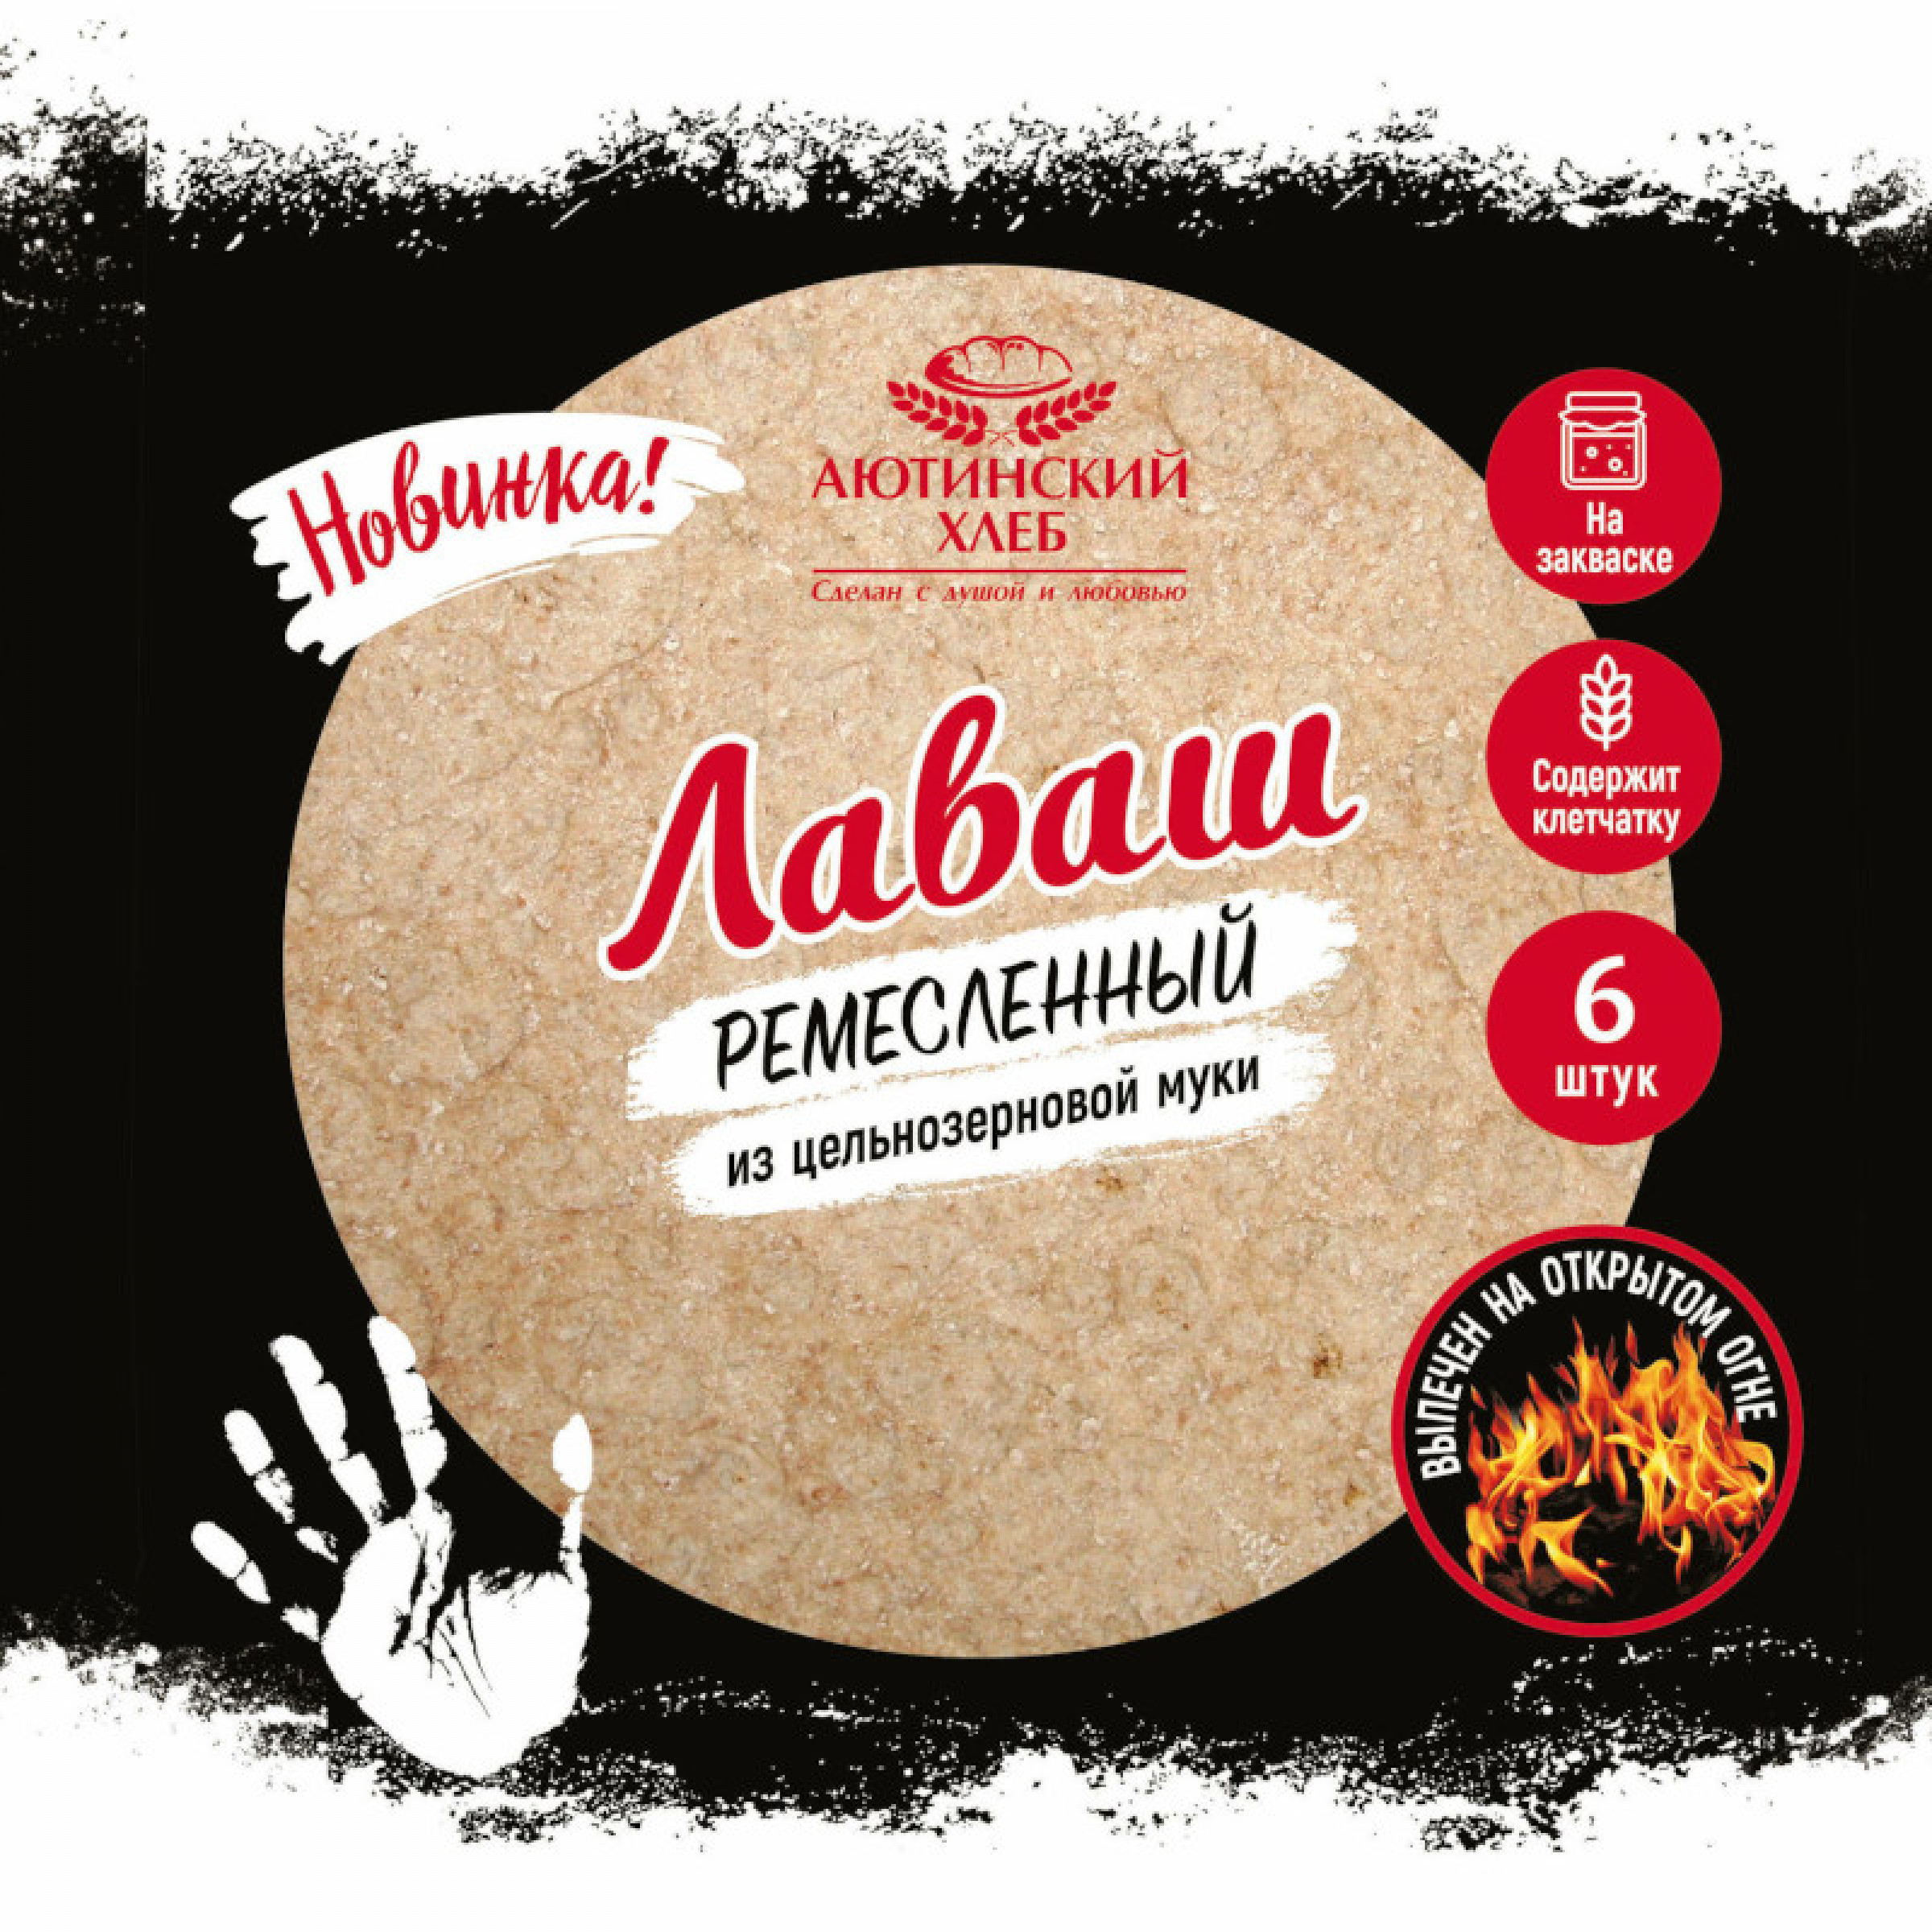 """Лаваш """"Аютинский хлеб"""" Ремесленный из цельнозерновой муки, 240 г"""